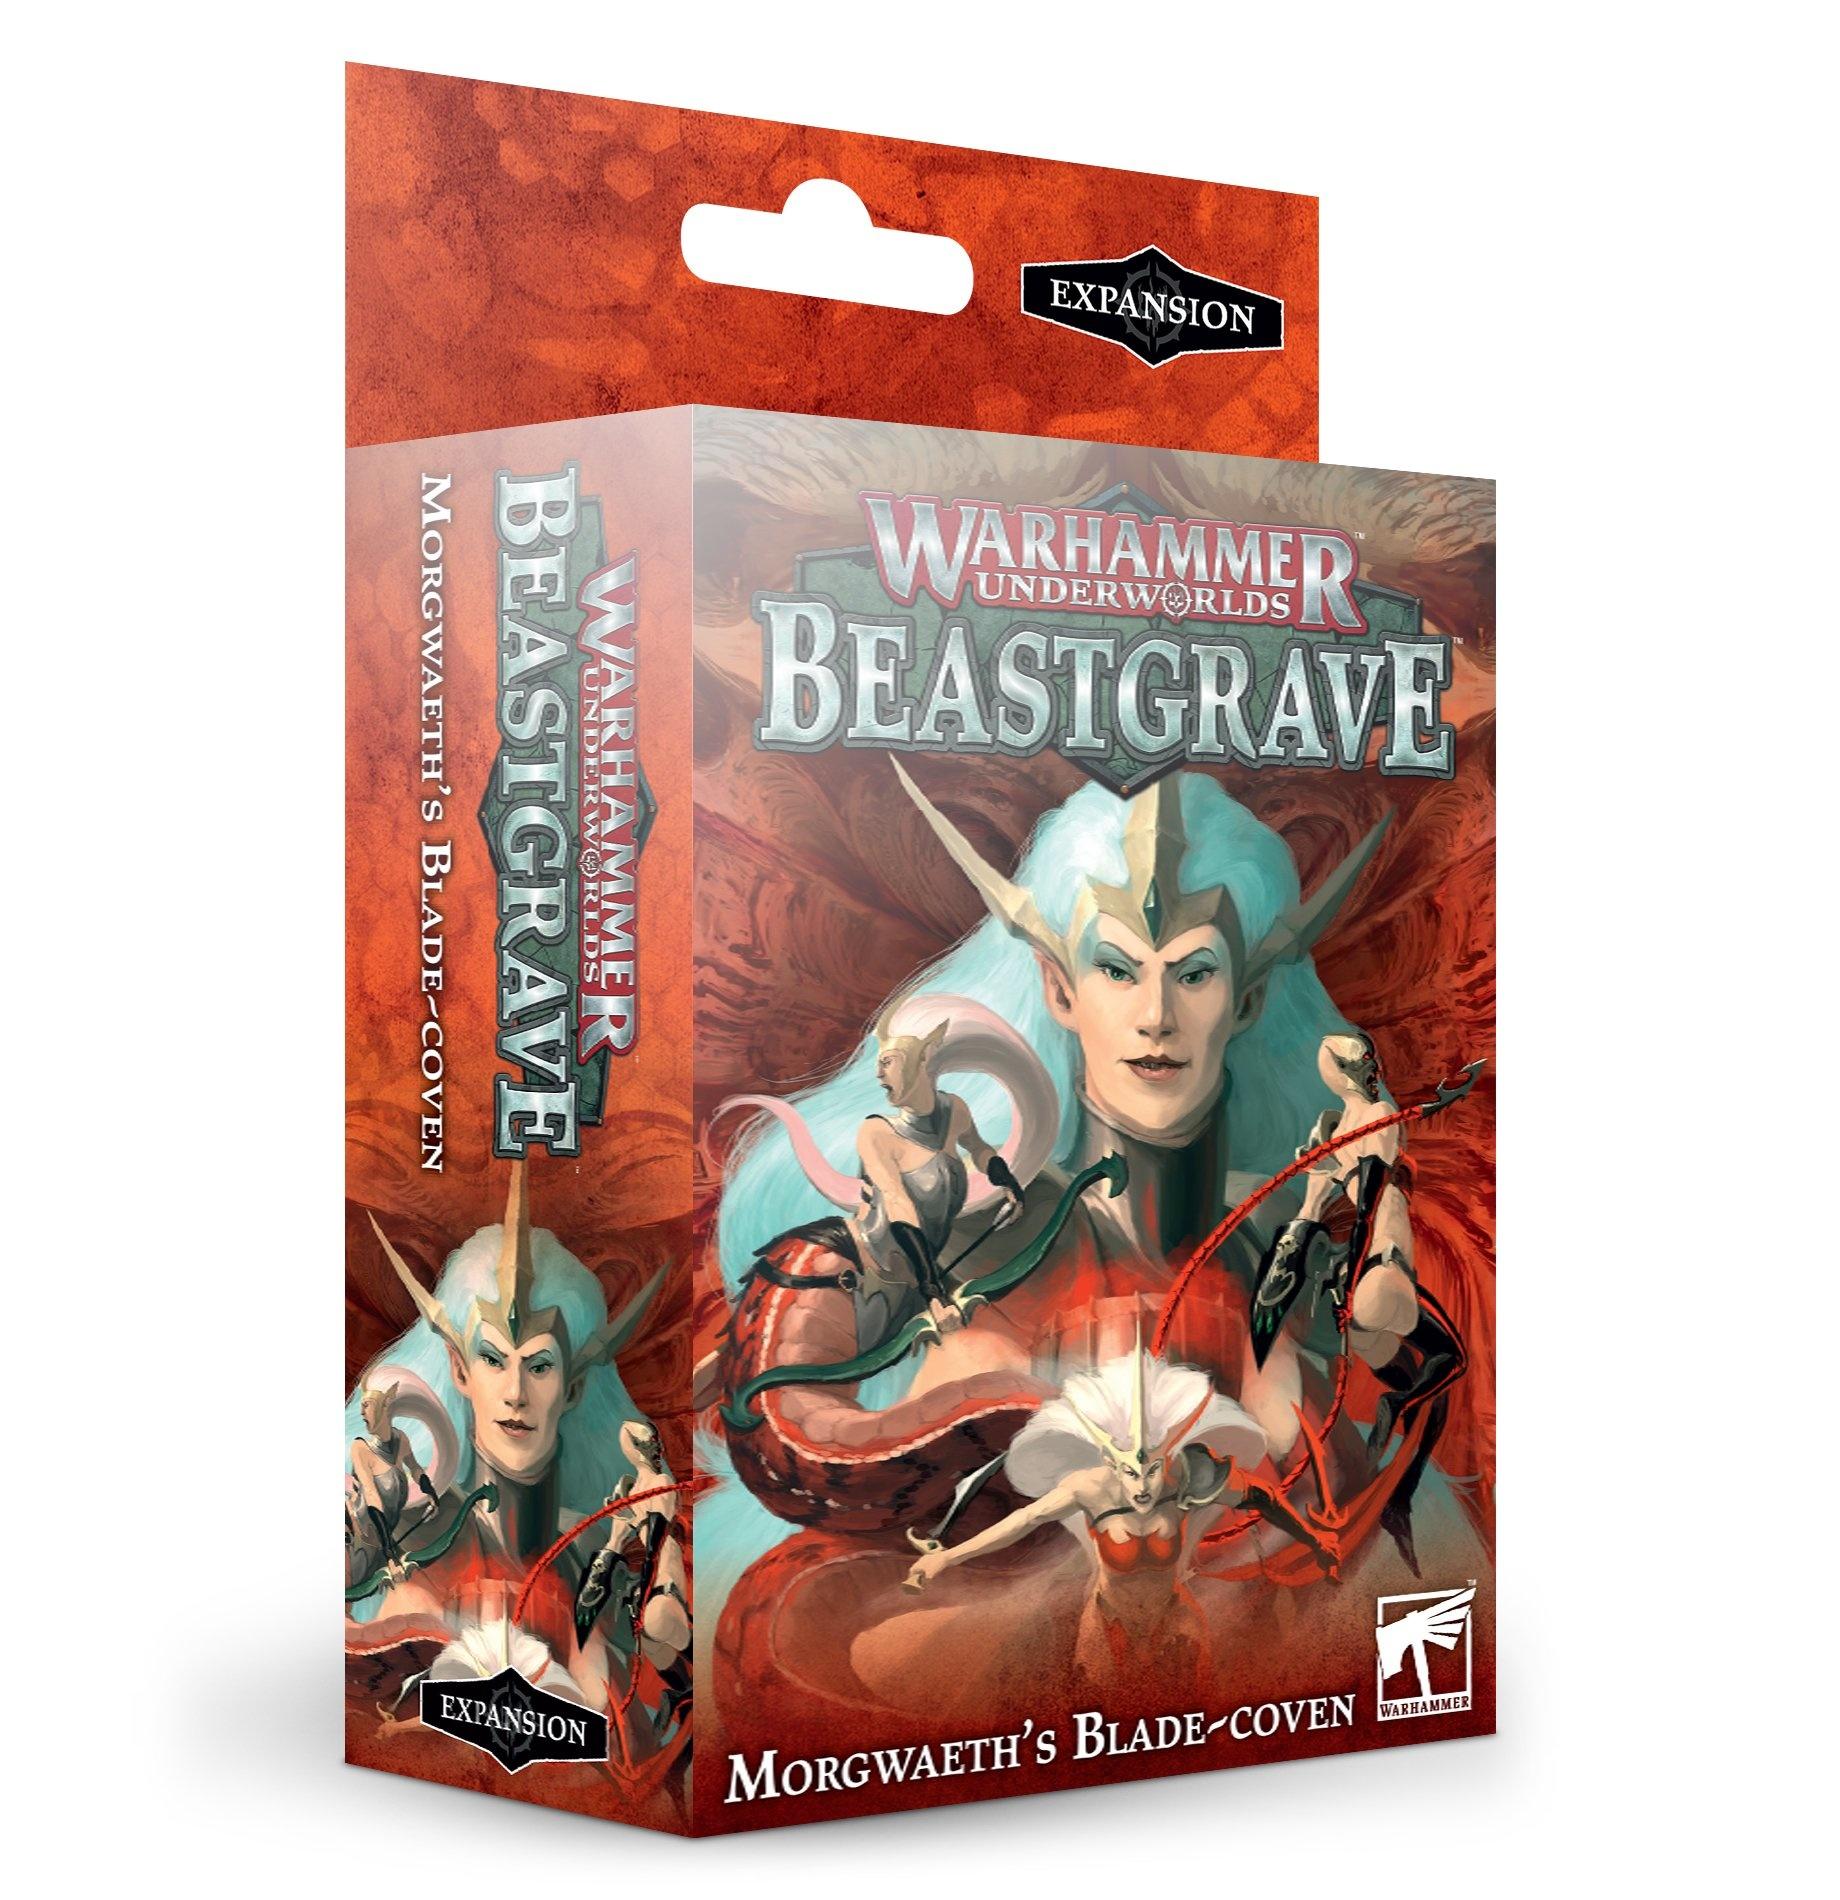 Games-Workshop Warhammer Underworlds: Morgwaeth's Blade-Coven